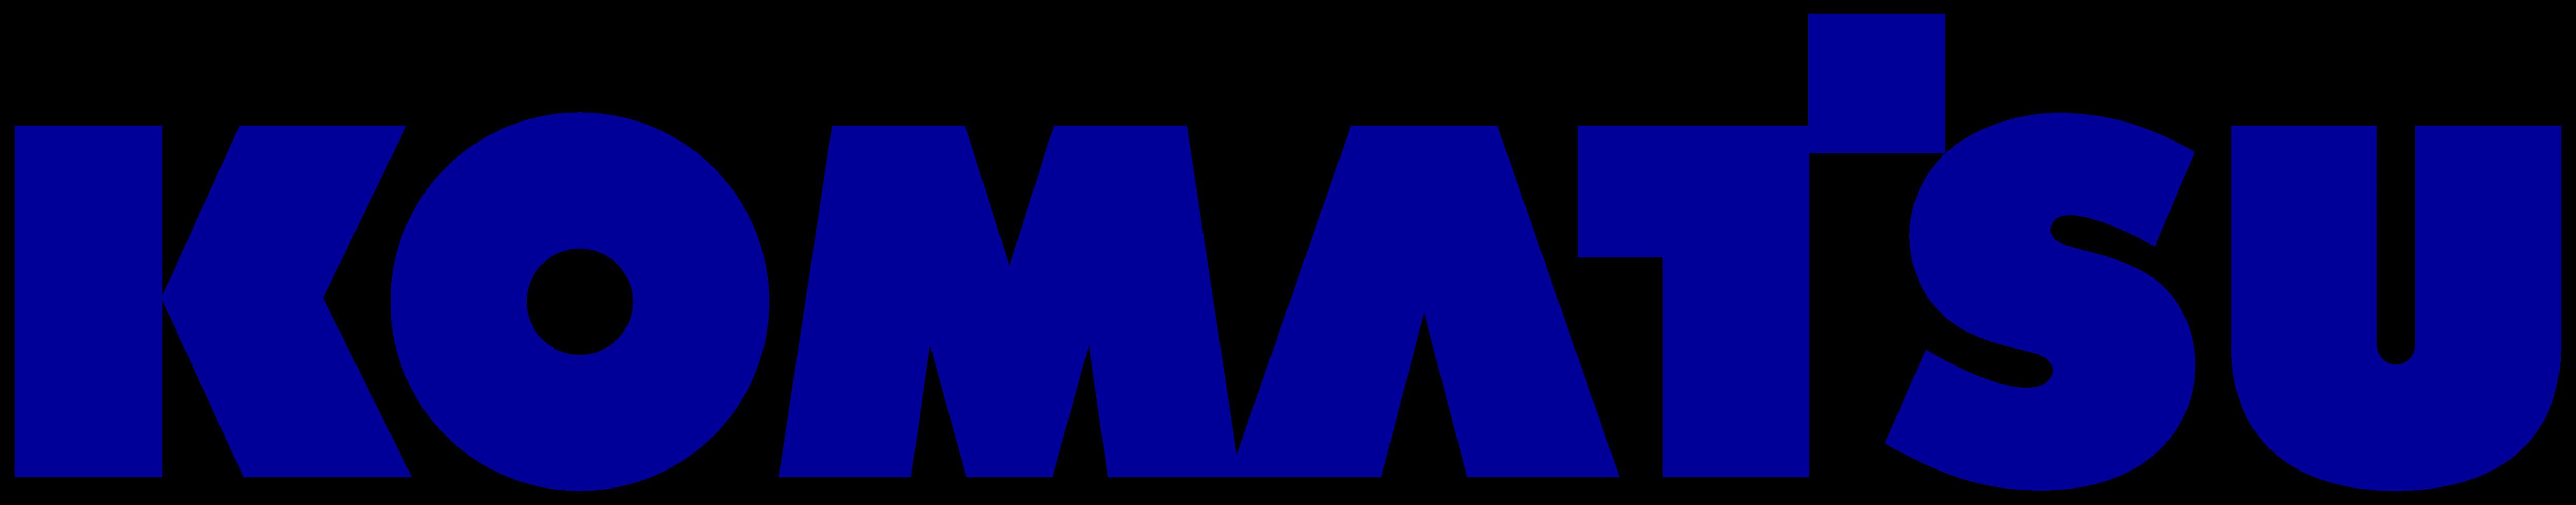 коматсу лого